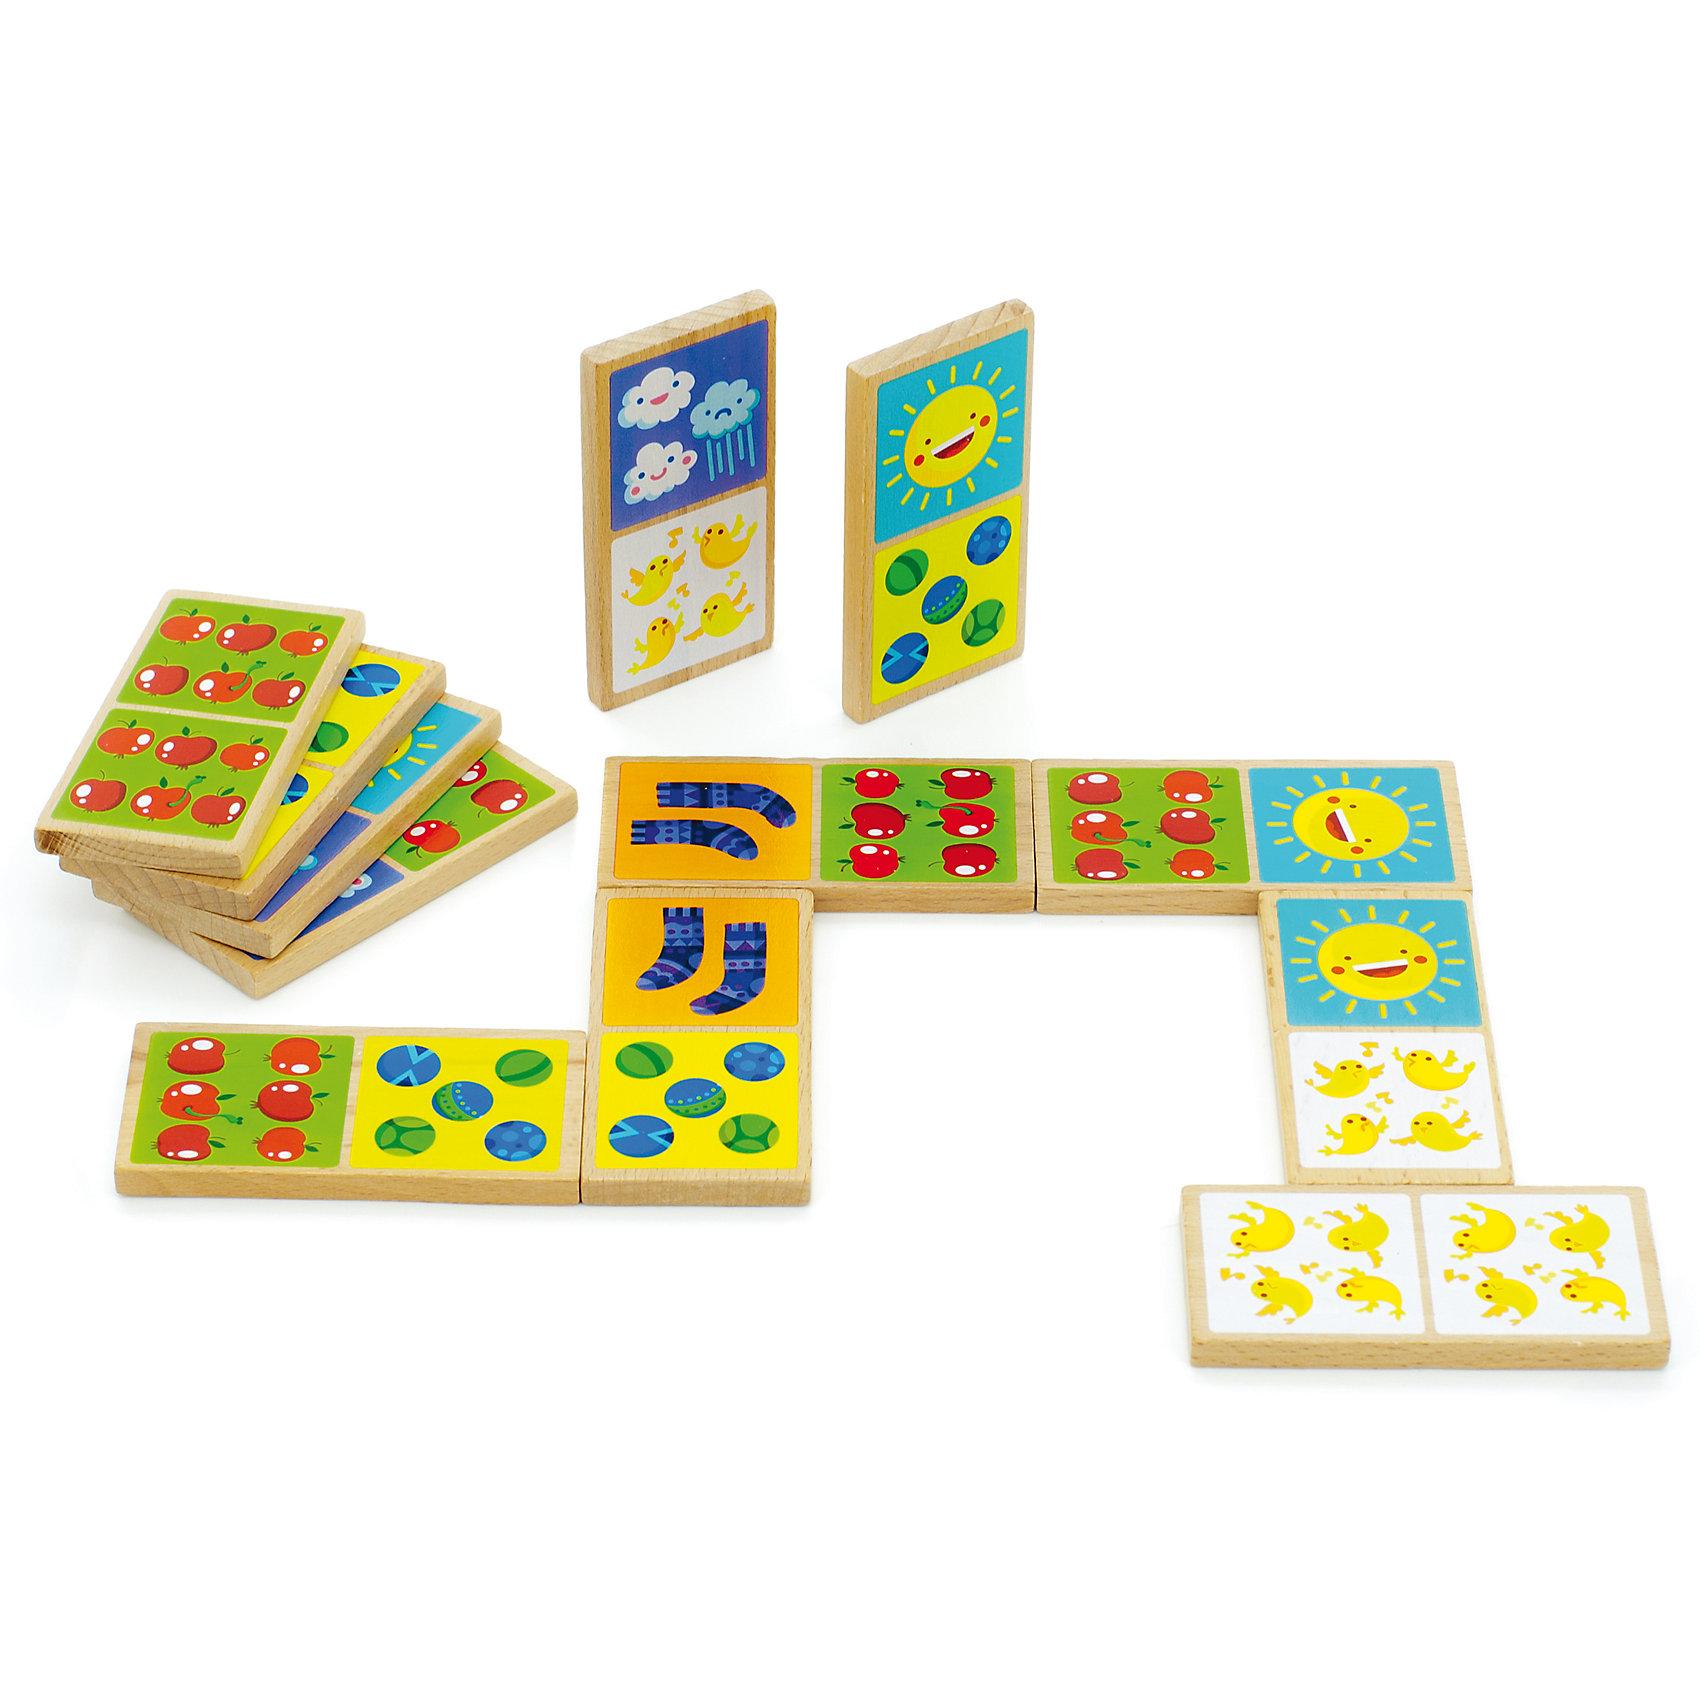 Домино Счёт, Мир деревянных игрушекДеревянные игры и пазлы<br>Домино - отлична игра для всей семьи! Такие развивающие игры помогают малышу быстрее освоить нужные навыки: они развивают мелкую моторику, цветовосприятие, умение логически размышлять, внимание, способность распознавать разные геометрические формы, умение считать и многое другое.<br>Это домино сделано из натурального дерева, отлично обработанного и безопасного для малышей. Игра с ним может надолго занять ребенка!<br><br>Дополнительная информация:<br><br>цвет: разноцветный;<br>материал: дерево;<br>размер упаковки: 21 х 11 х 17 см.<br><br>Домино Счёт от компании Мир деревянных игрушек можно купить в нашем магазине.<br><br>Ширина мм: 215<br>Глубина мм: 110<br>Высота мм: 170<br>Вес г: 670<br>Возраст от месяцев: 36<br>Возраст до месяцев: 2147483647<br>Пол: Унисекс<br>Возраст: Детский<br>SKU: 4976696